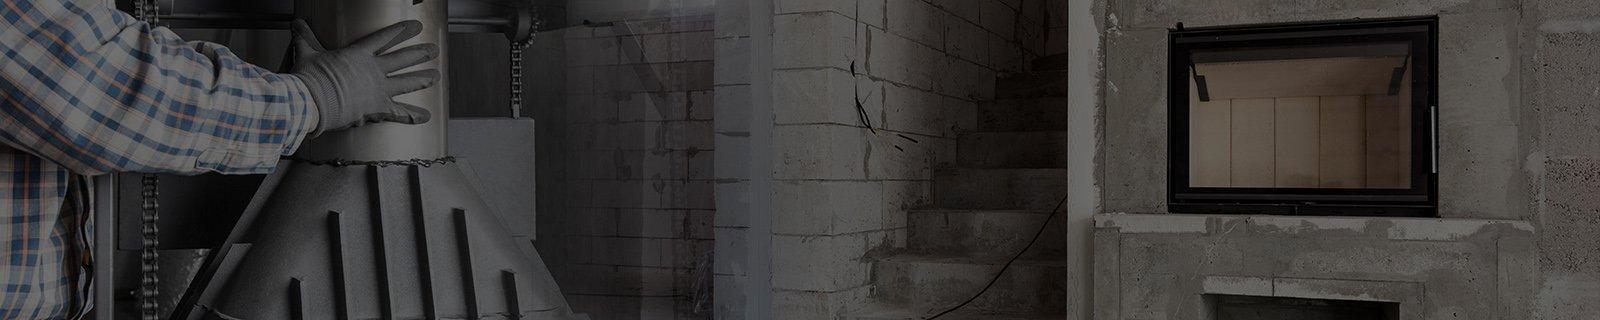 Изоляция купить в Киеве. Установка, монтаж. Заказать. Цены, фото, сайт - Kaminoff